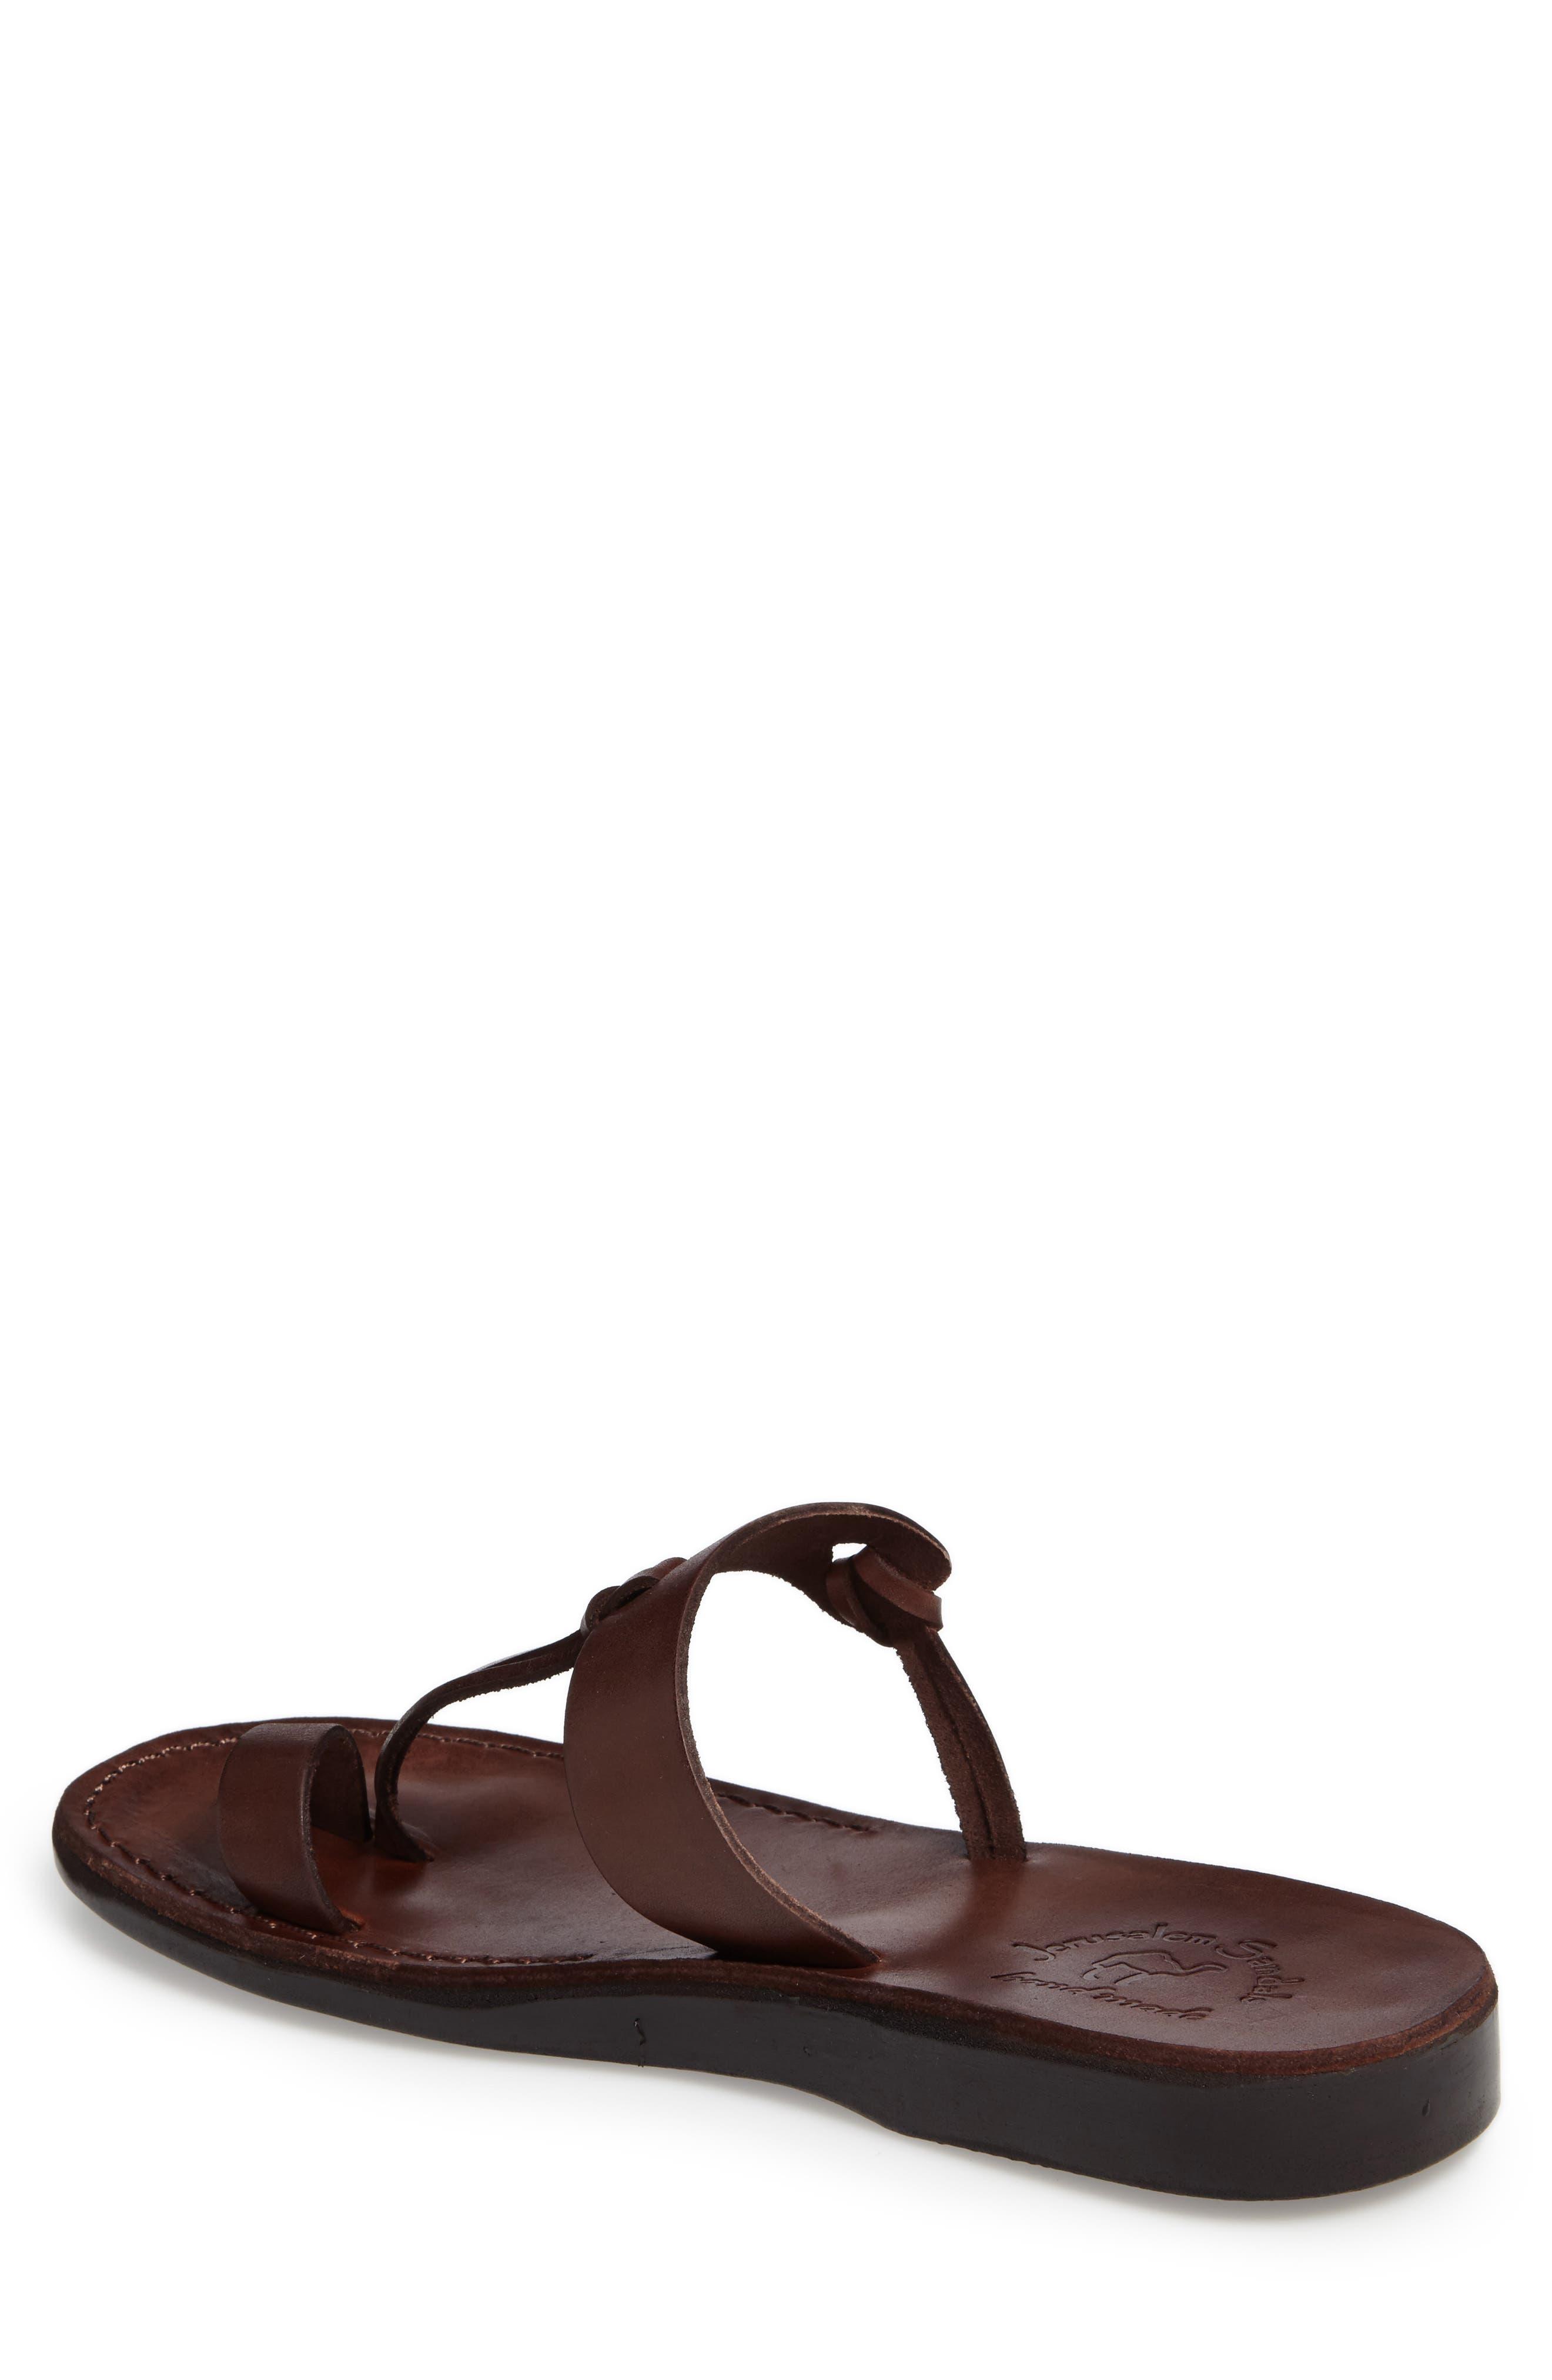 David Toe-Loop Sandal,                             Alternate thumbnail 2, color,                             Brown Leather